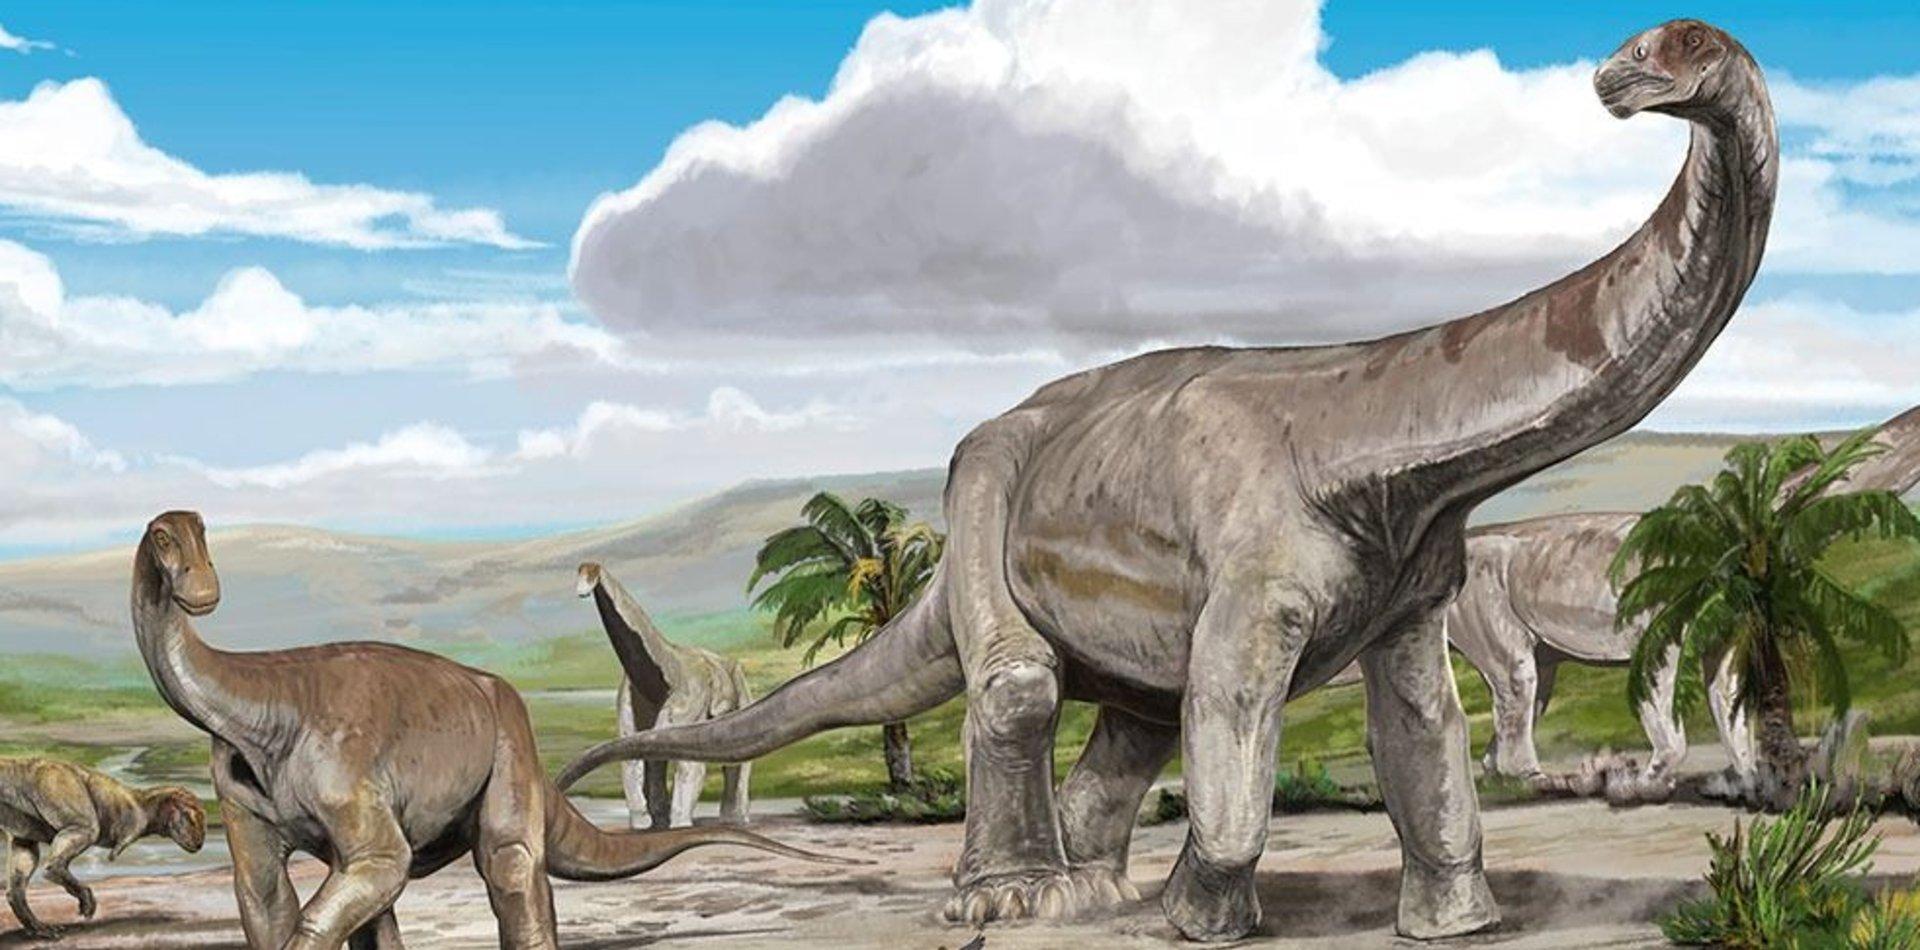 De la UNLP a La Rioja, el paleontólogo que halló y le puso nombre a dos nuevos dinosaurios